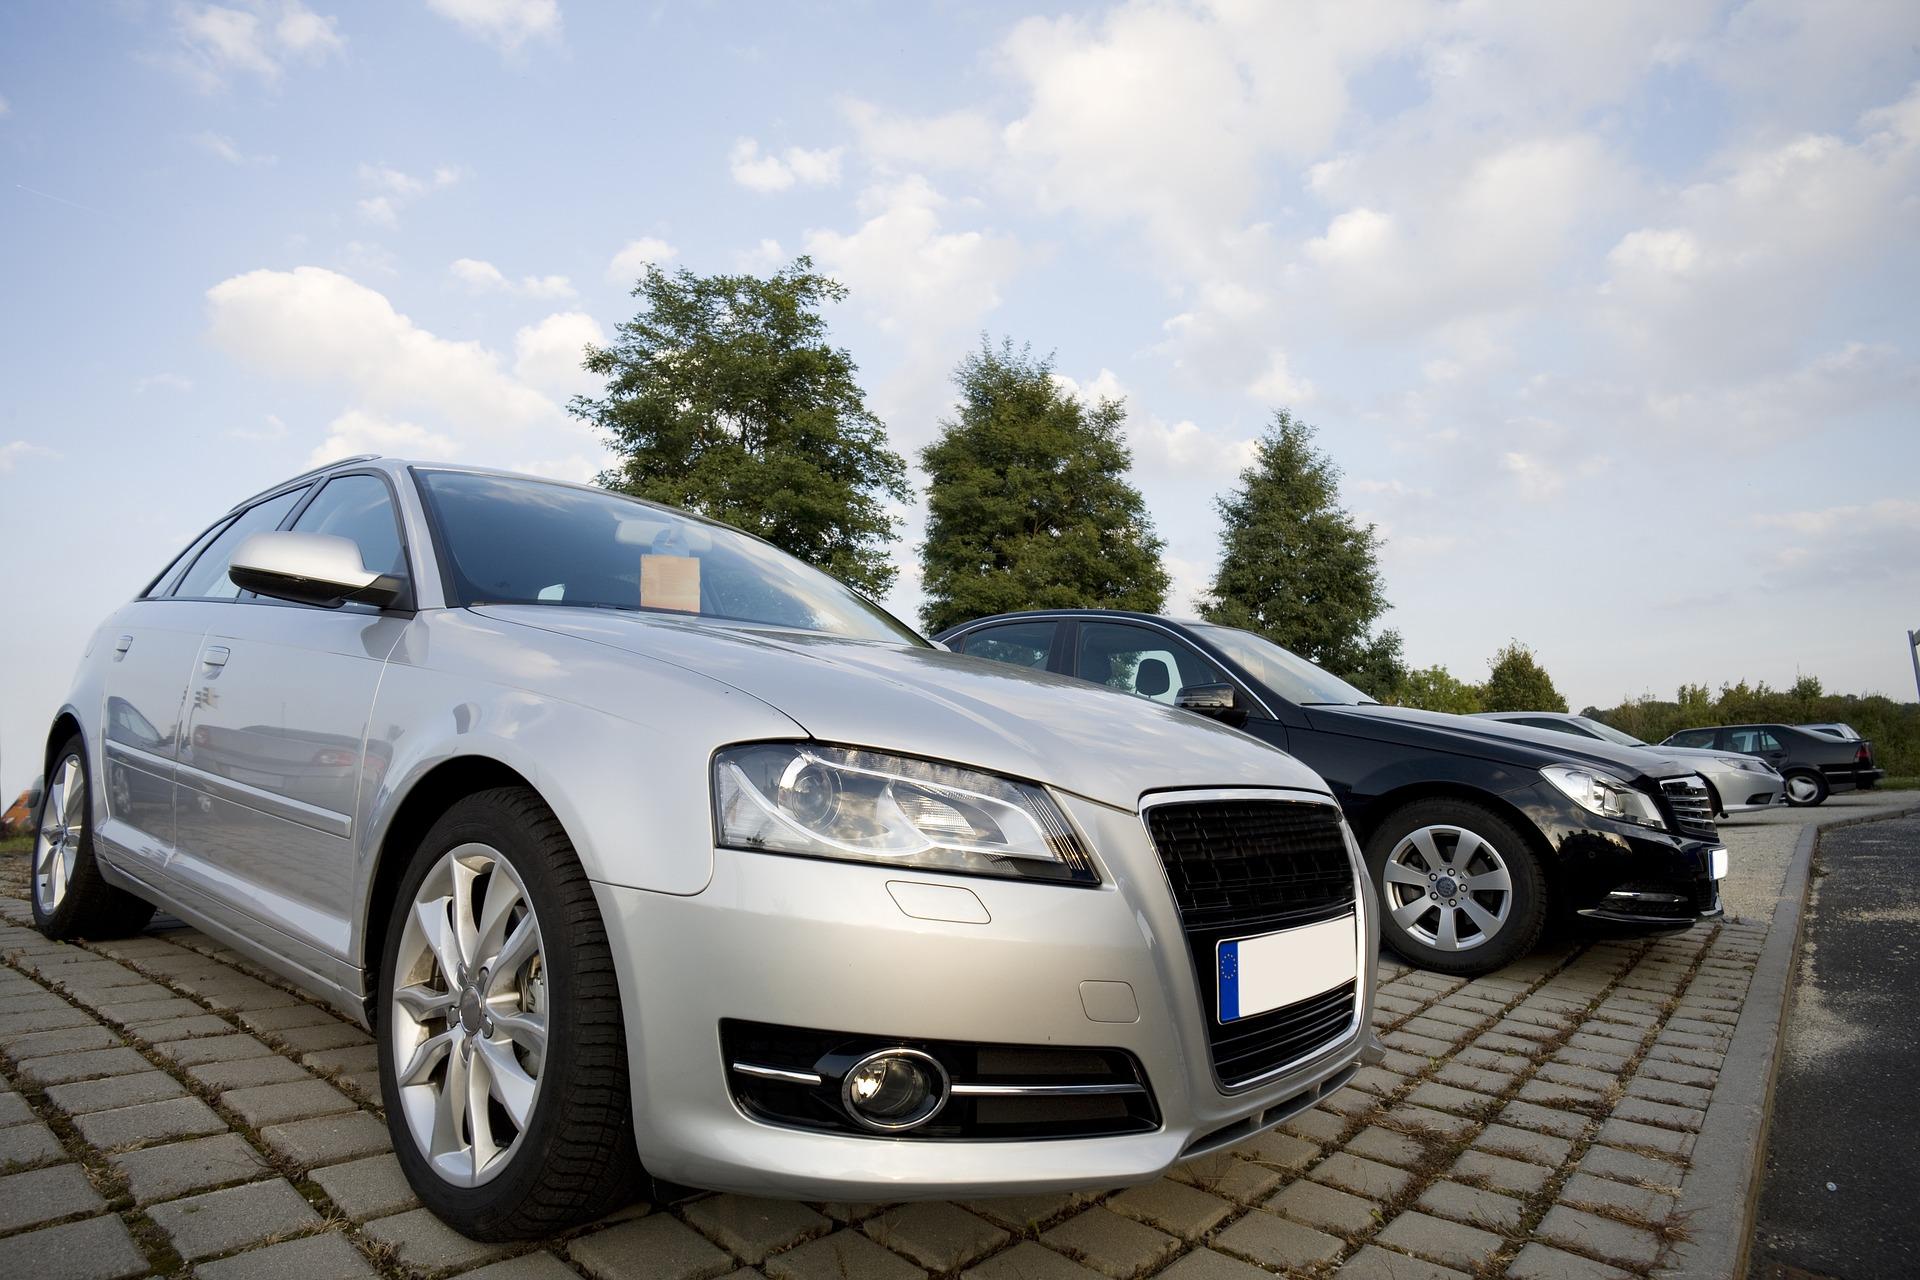 Kostenfreie Fahrzeugbewertung für Gebrauchtwagen - So finden Sie seriöse Autohändler